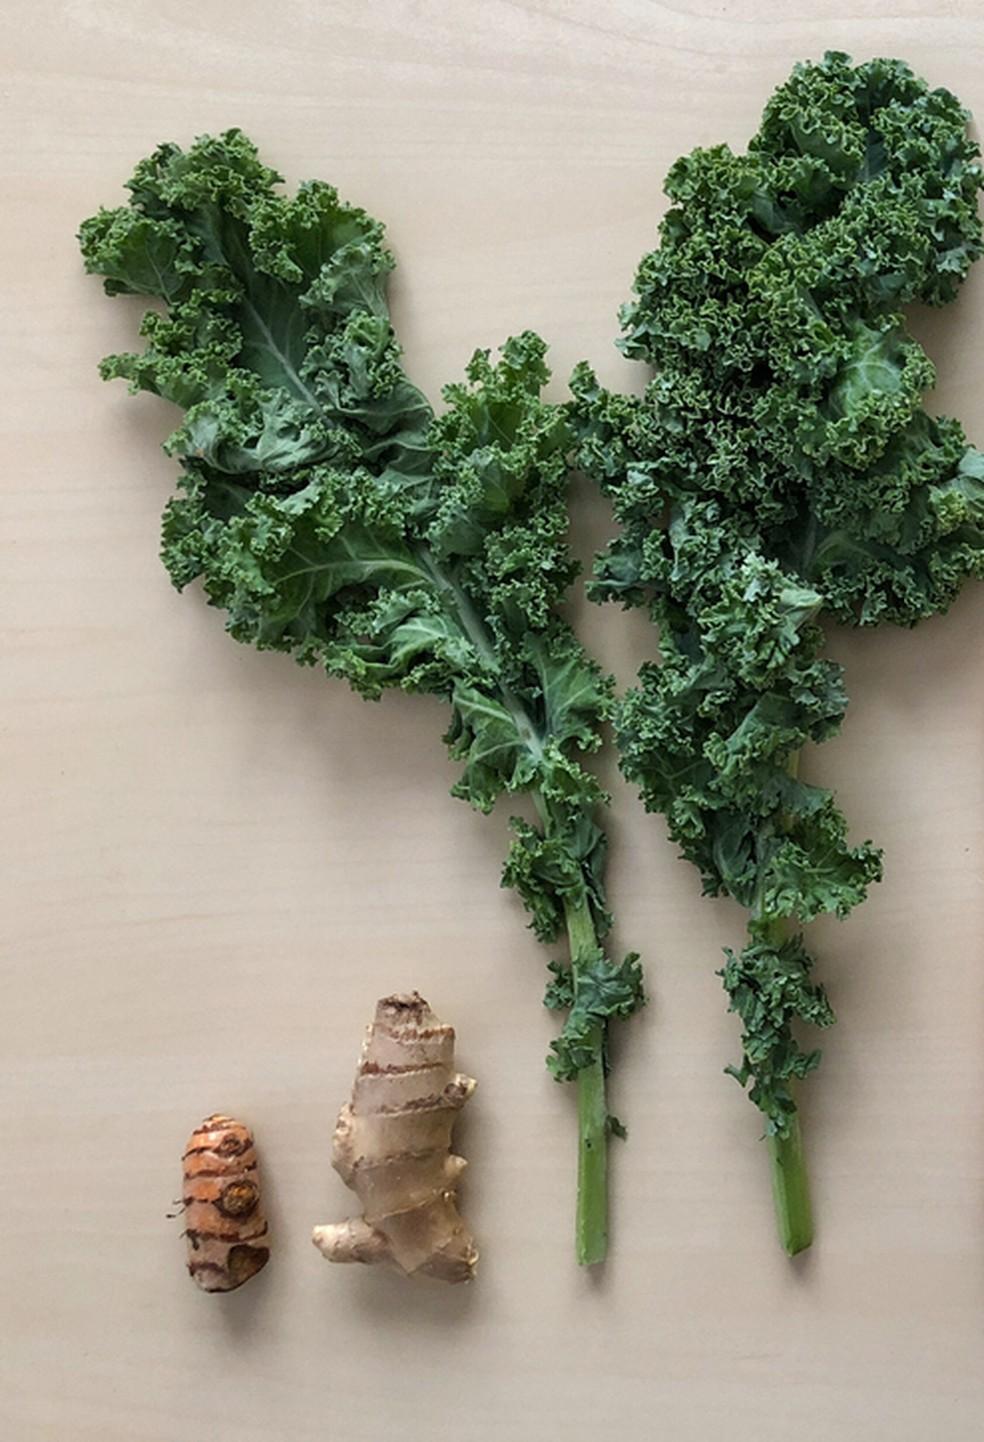 Gengibre e couve têm nutrientes importantes para o reforço do sistema imunológico — Foto: Istock Getty Images